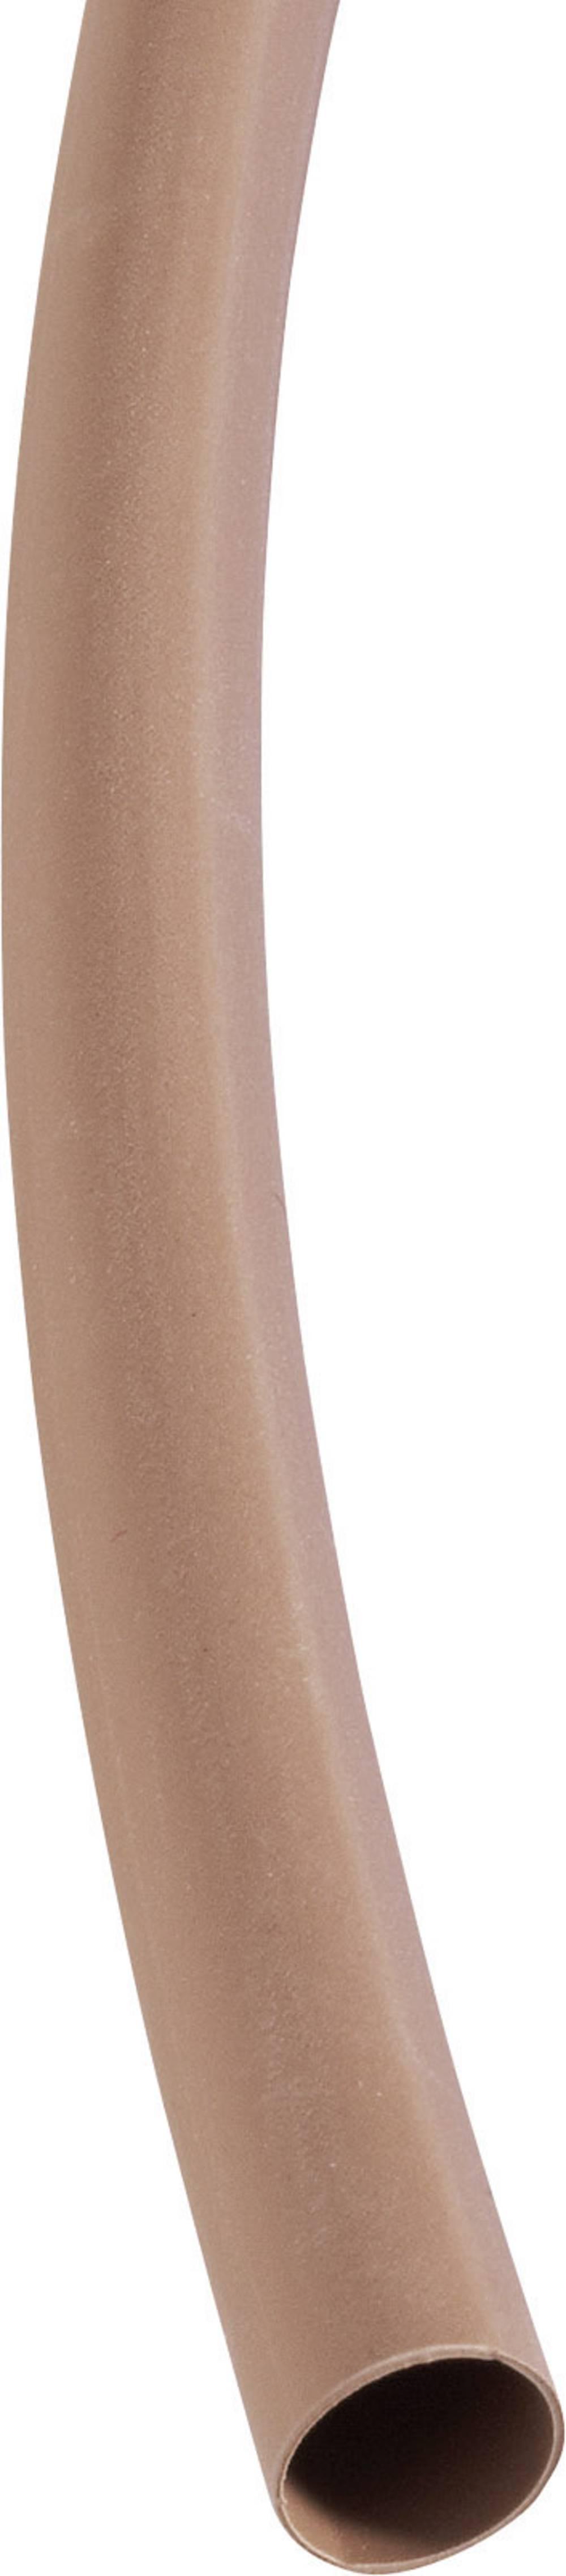 Tankostenska skrčljiva cev Deray-H pred/po krčenju: 1.6 mm/0.8 mm razmerje 2 : 1 rumena